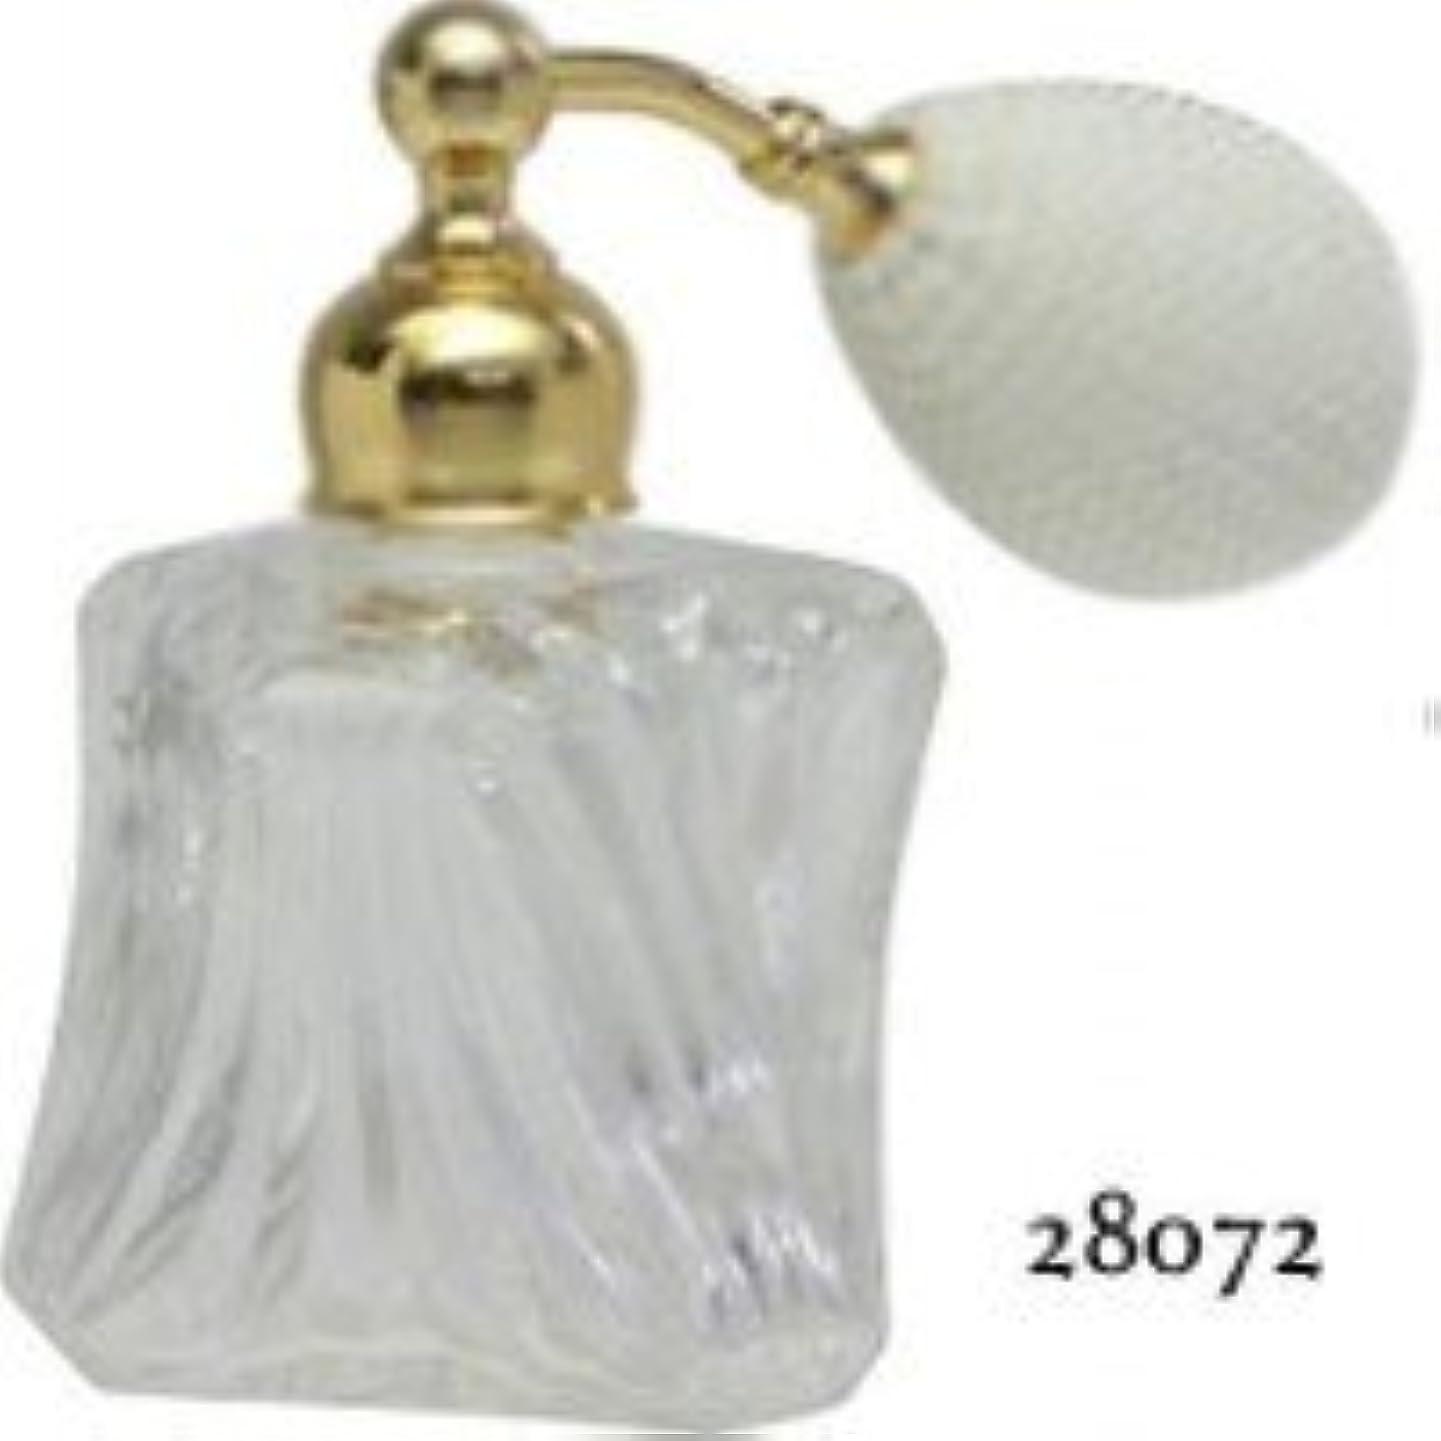 即席簡略化する成熟ドイツ製クリスタル香水瓶リードクリスタル 長